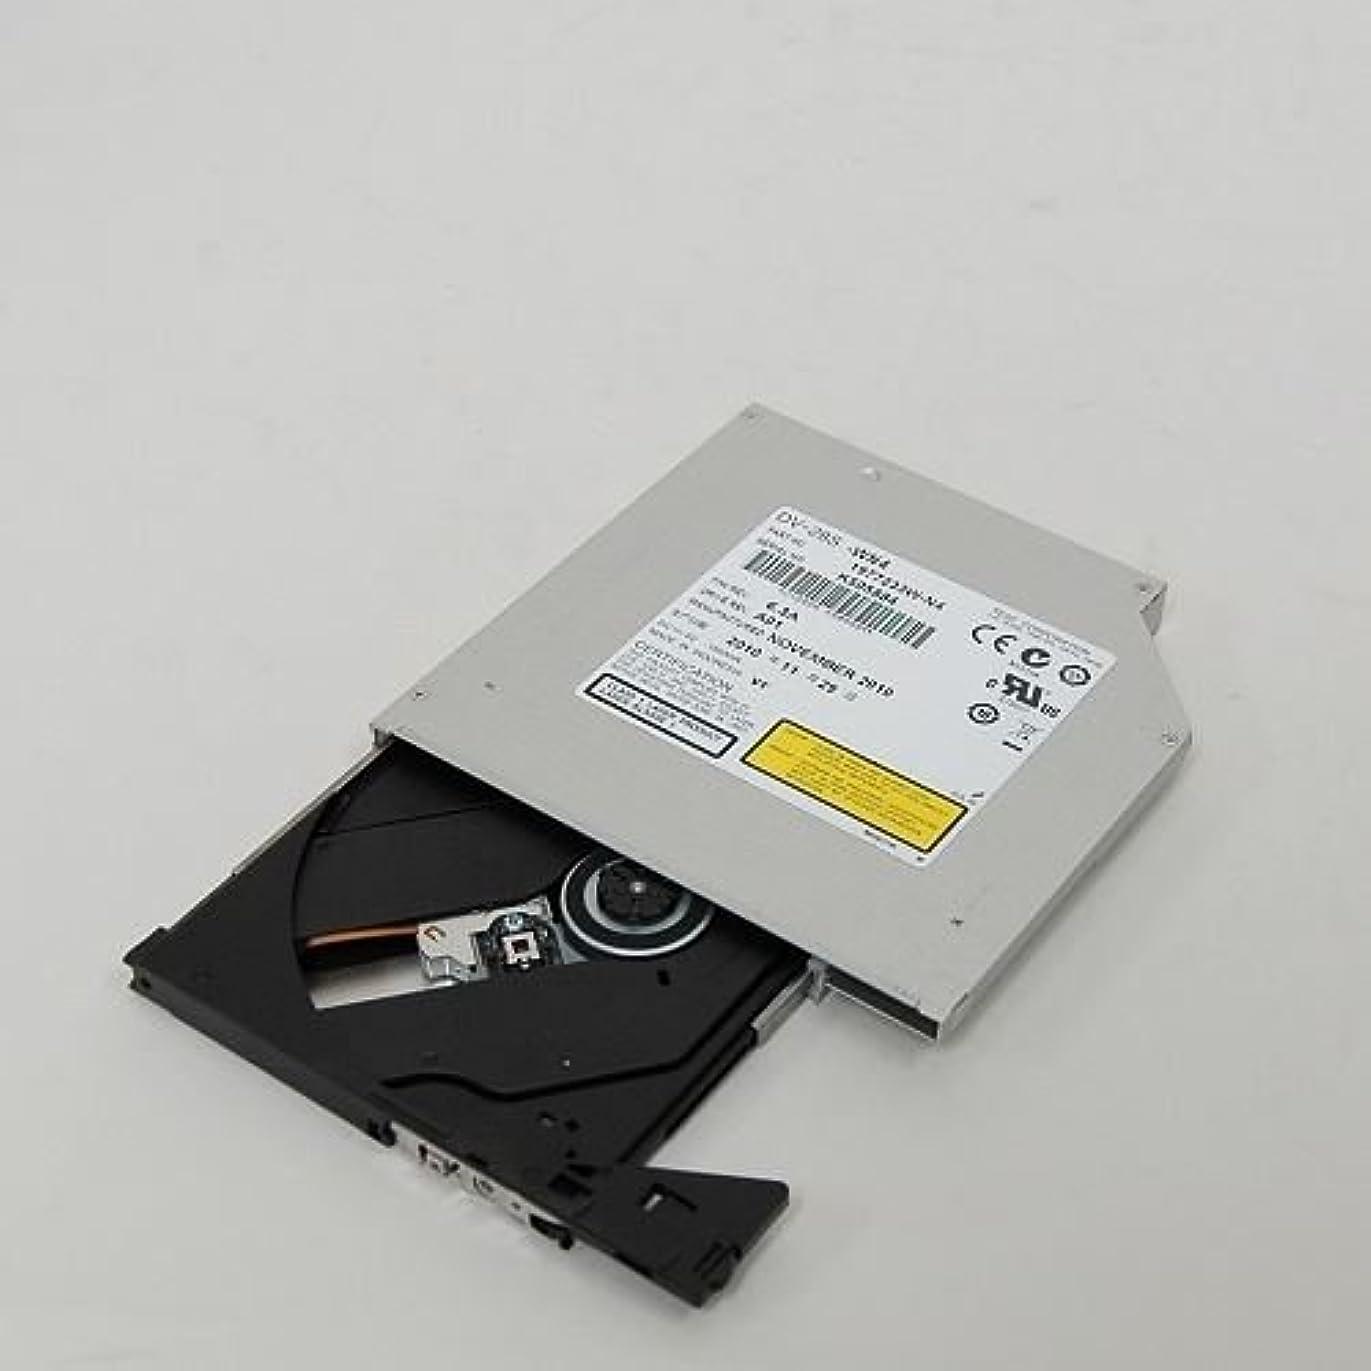 関係ない最終幸福TEAC DVD-ROM DV-28S